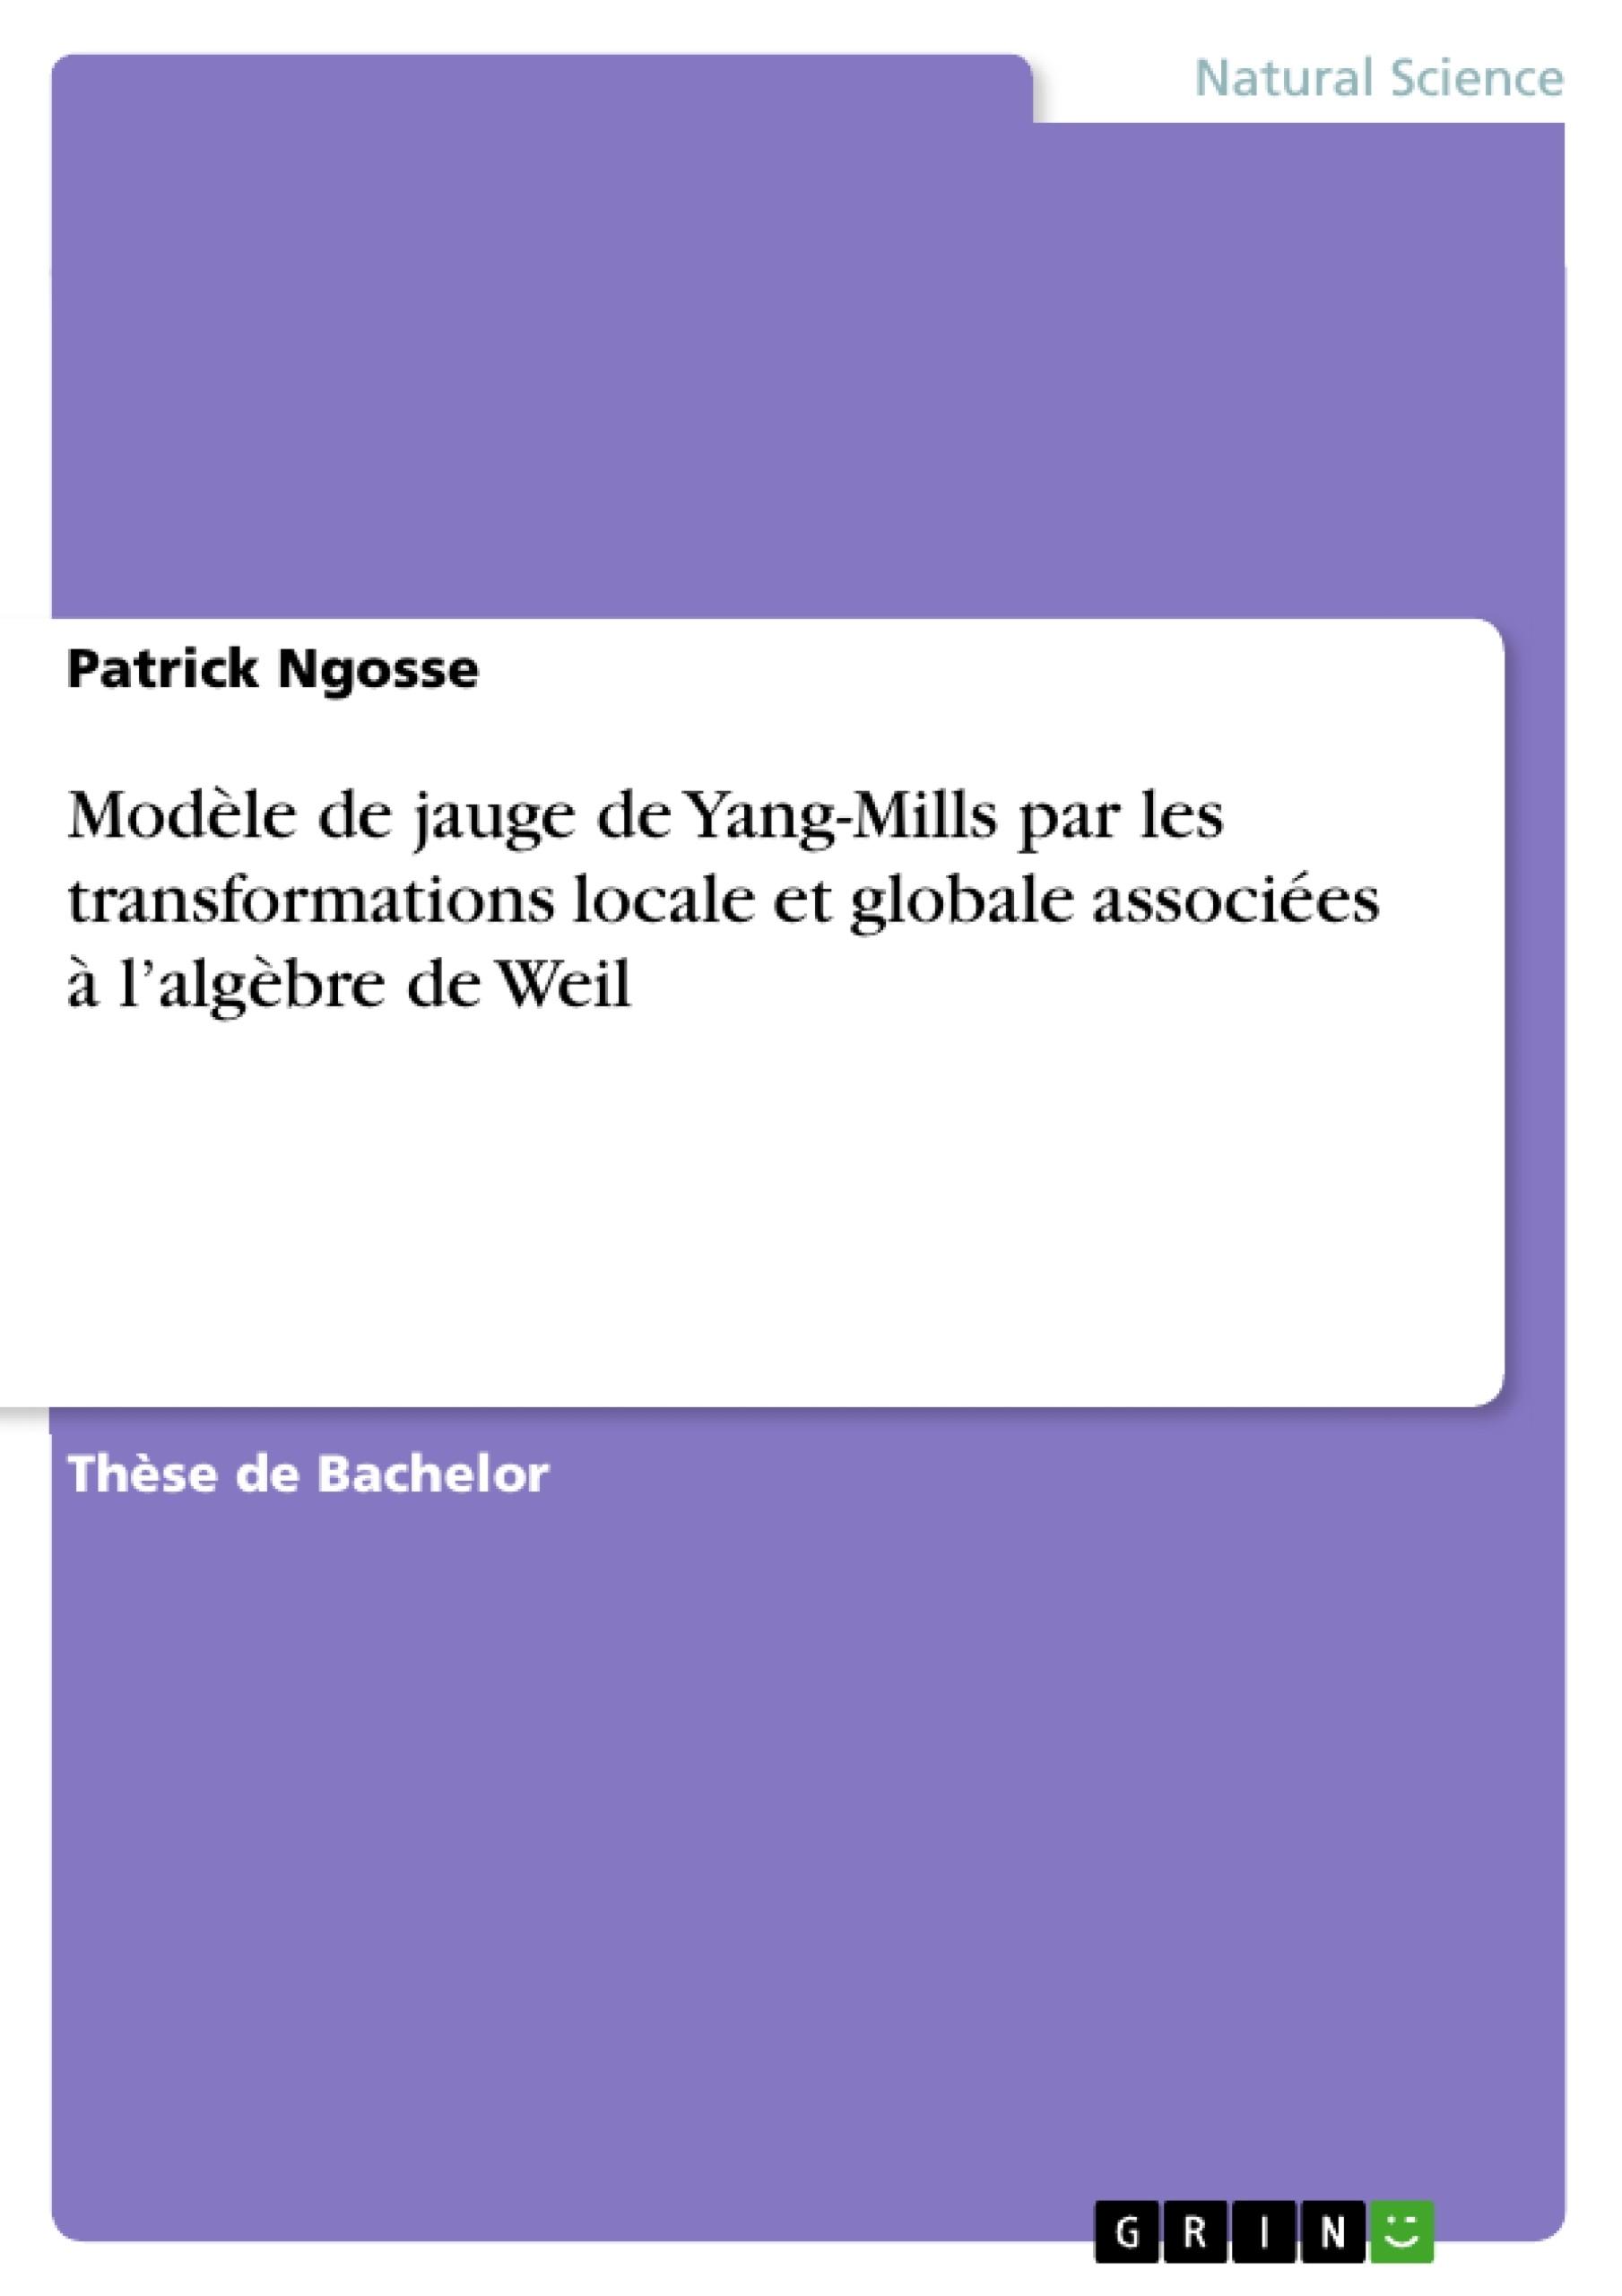 Titre: Modèle de jauge de Yang-Mills par les transformations locale et globale associées à l'algèbre de Weil